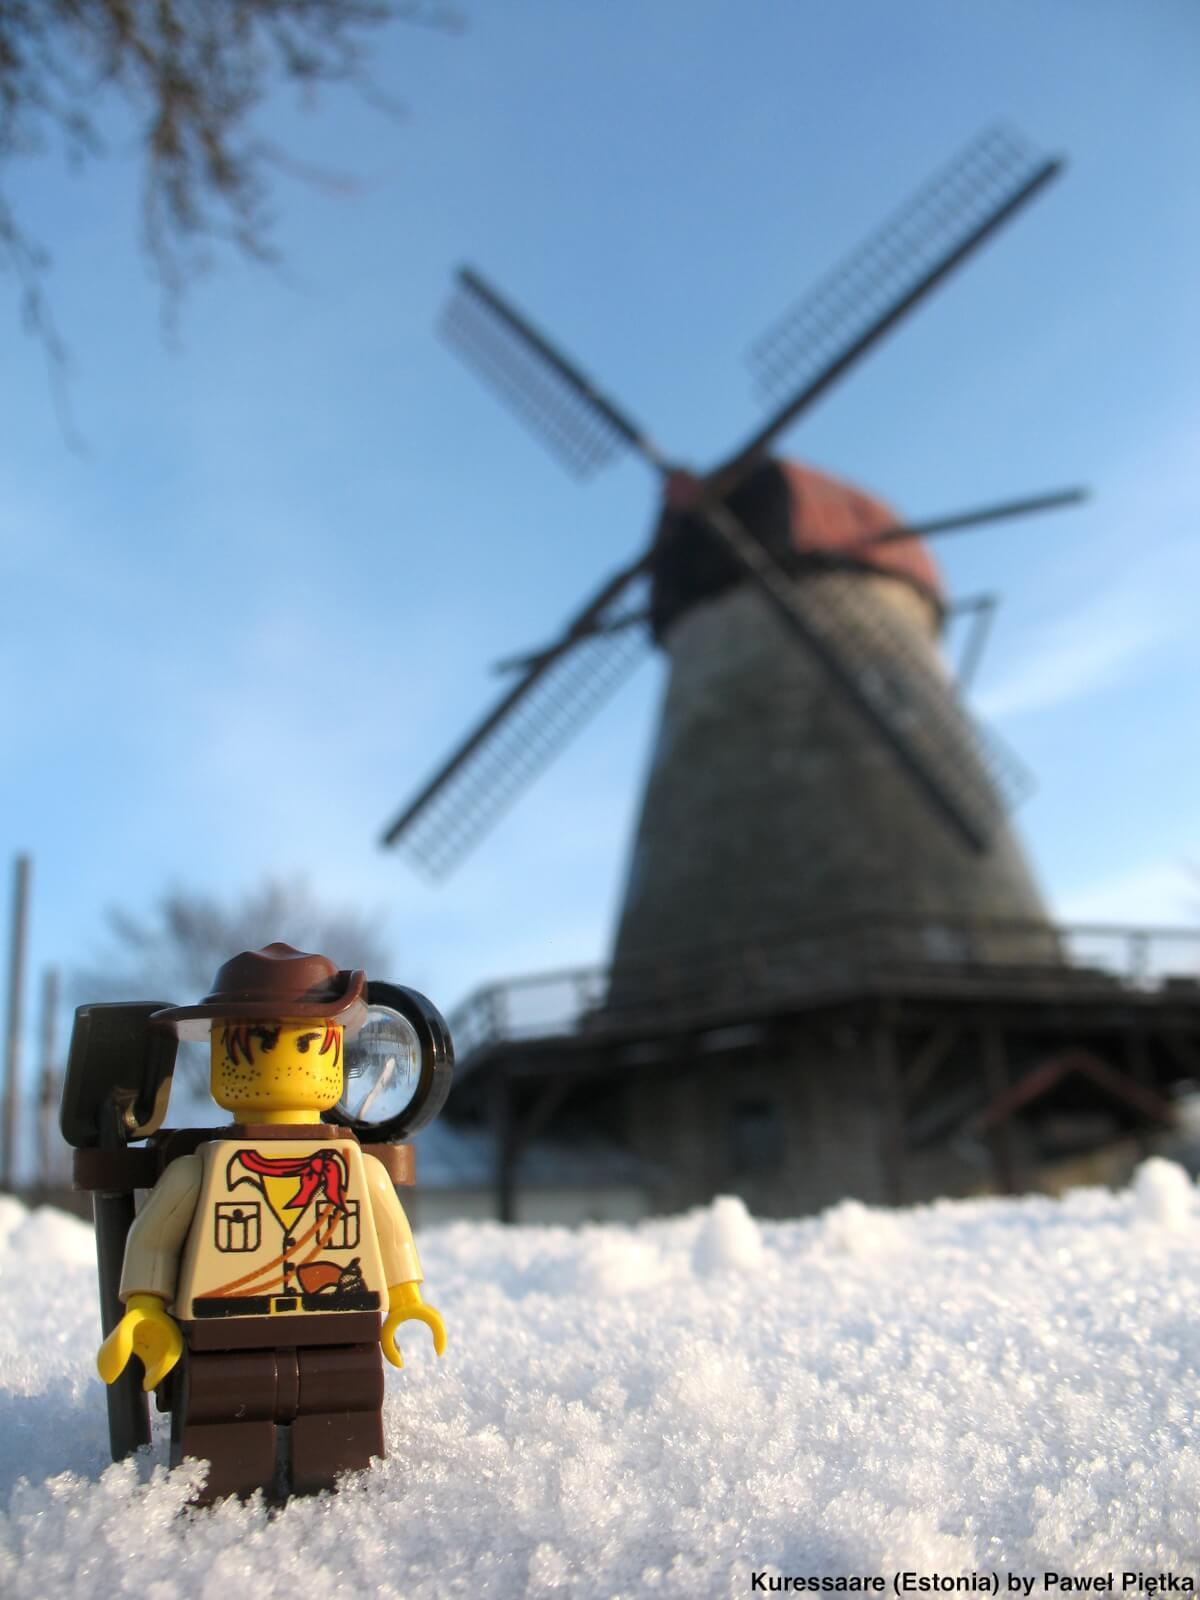 Kuressaare (Estonia) - Windmill tavern